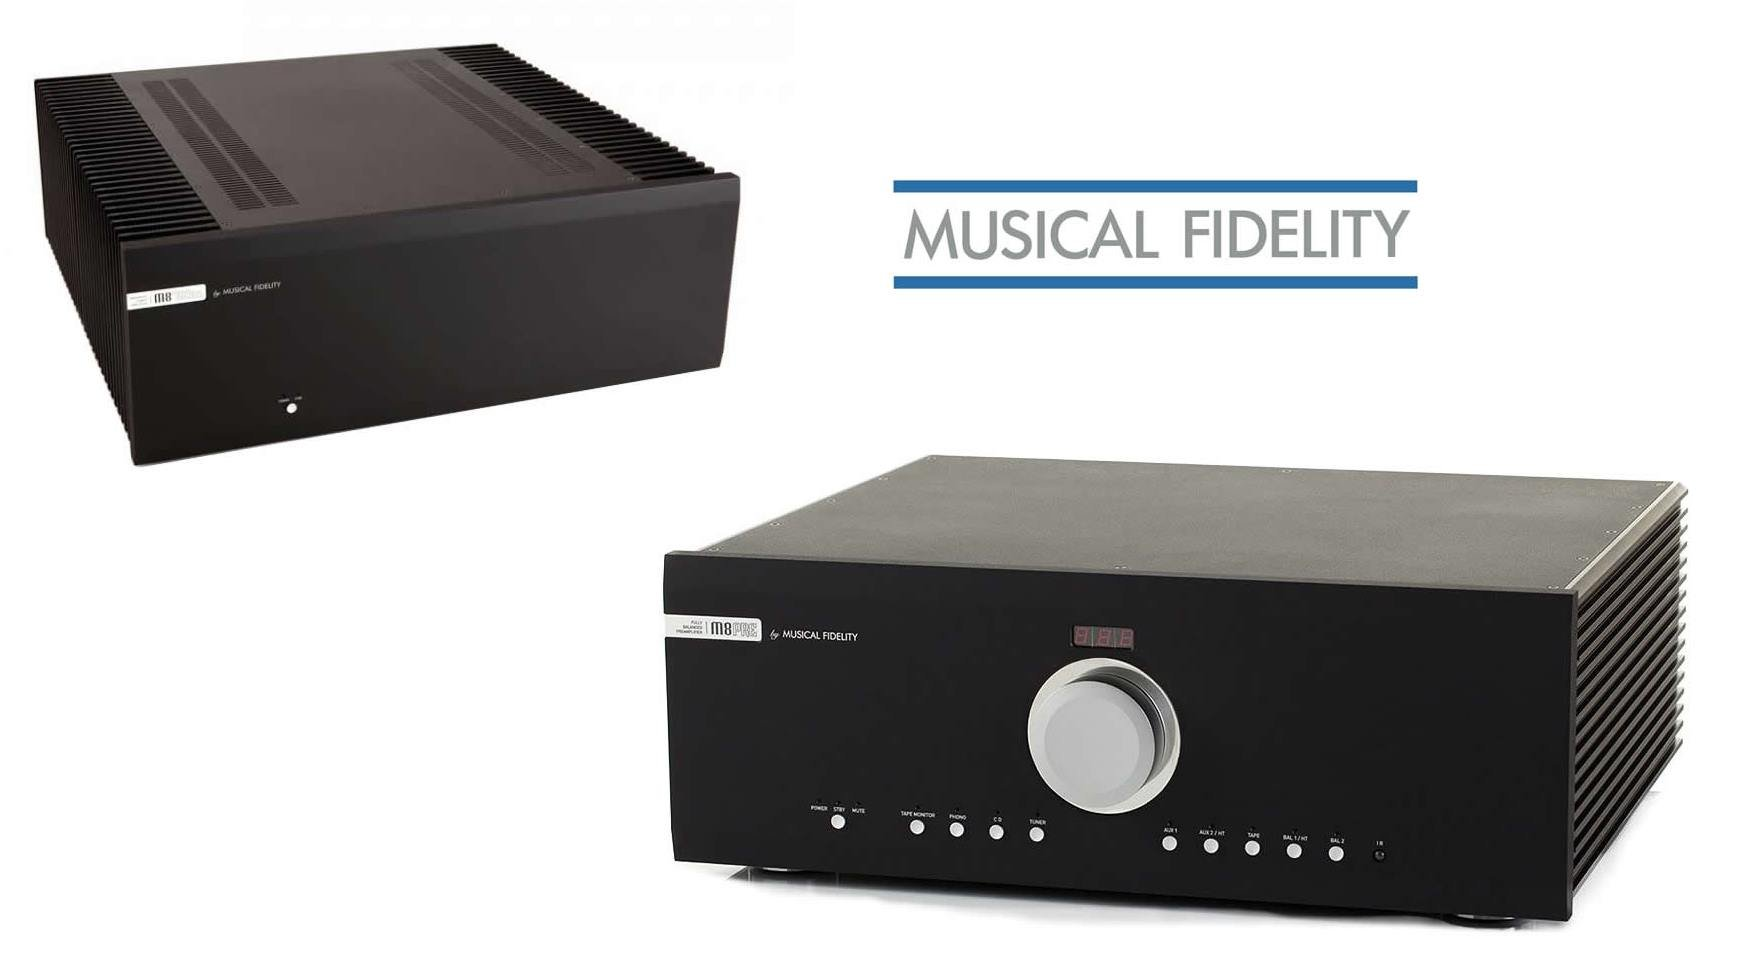 Die Musical Fidelity M8PRE Vorstufe und M8 500s Endstufe kauft man beim Akustiktune Hifi Studio